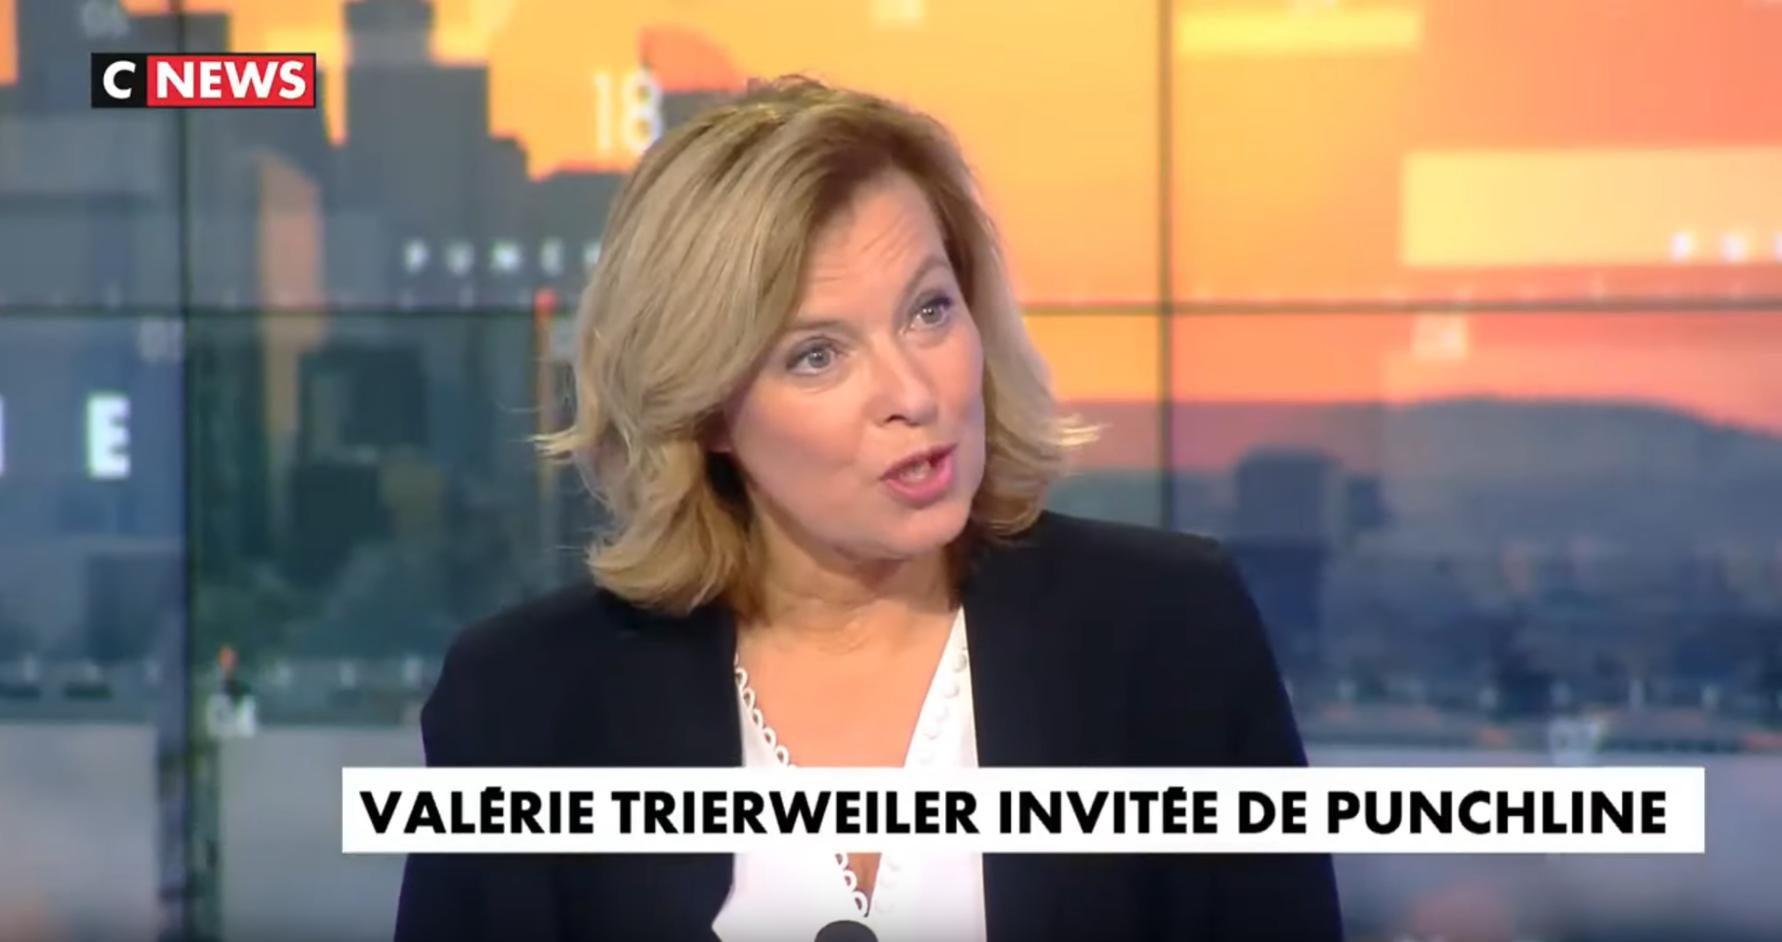 Valérie Trierweiler boycotte CNEWS car Zemmour y entre : deux bonnes nouvelles pour la chaîne ! (VIDÉO)